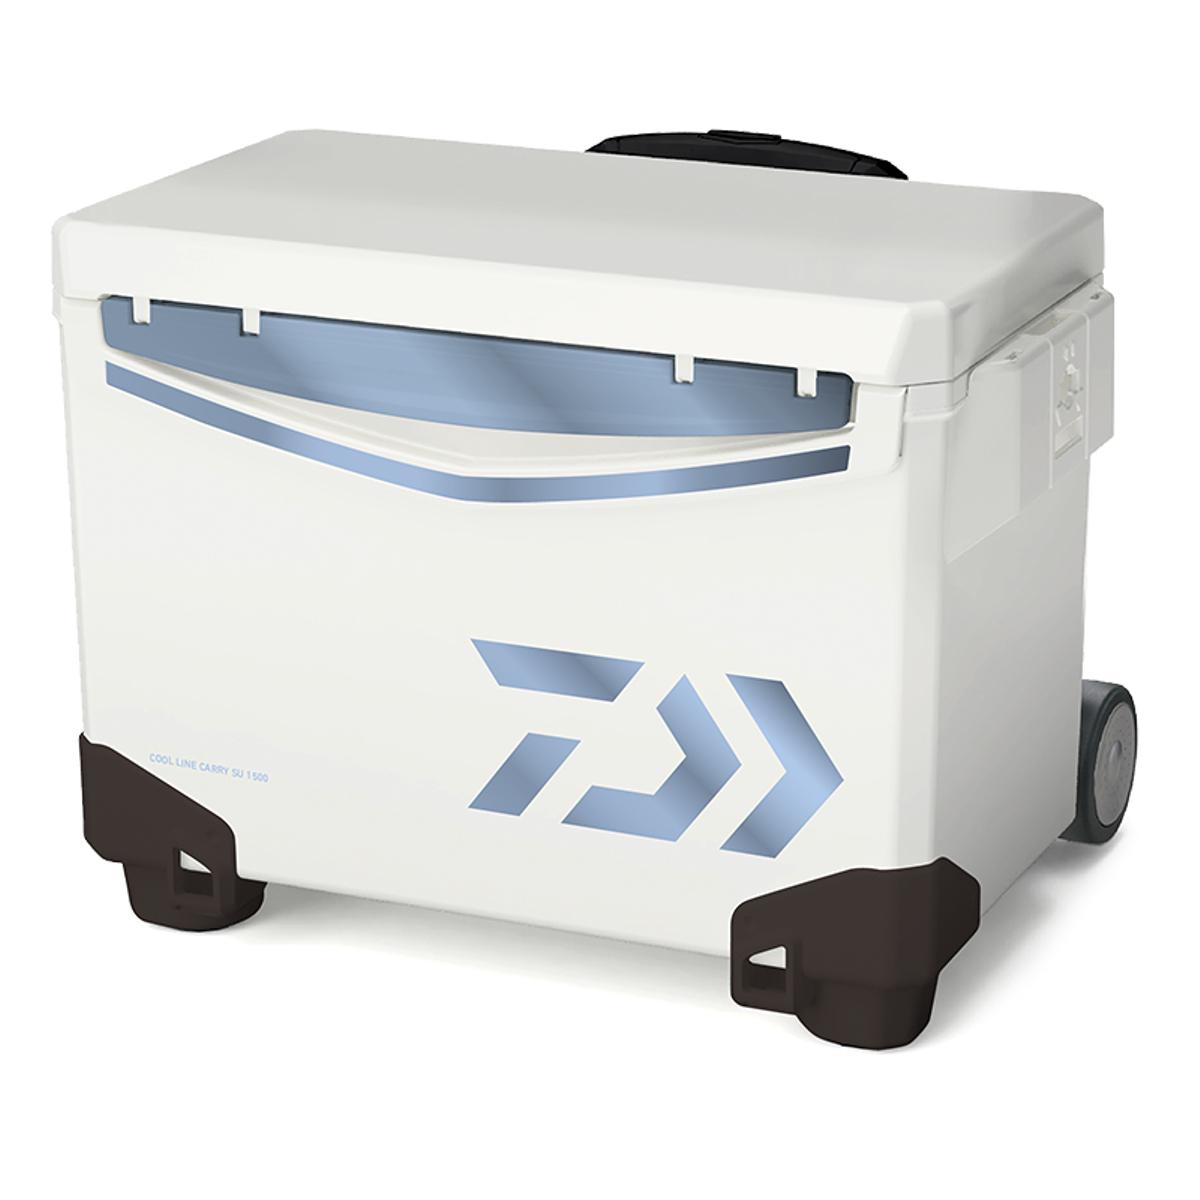 ダイワ クールラインキャリー SU 1500 アイスブルー クーラーボックス